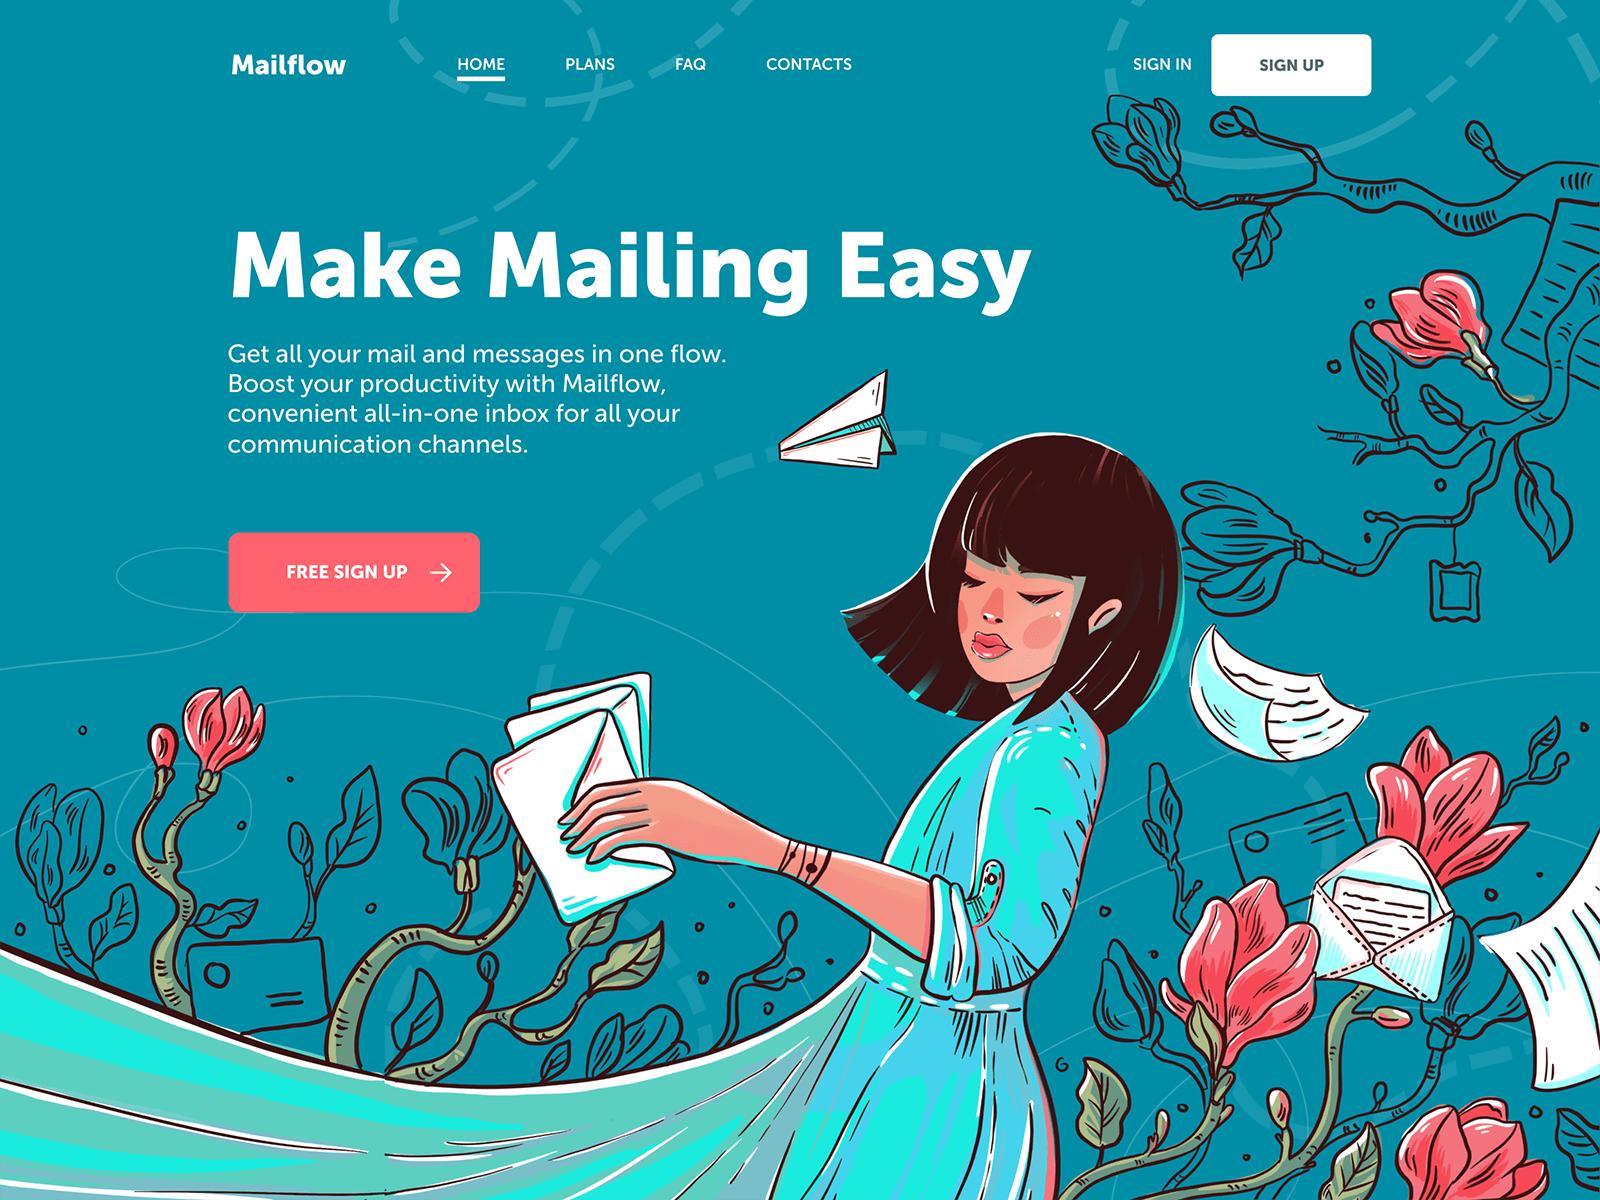 mail_service_landing_page_tubik.